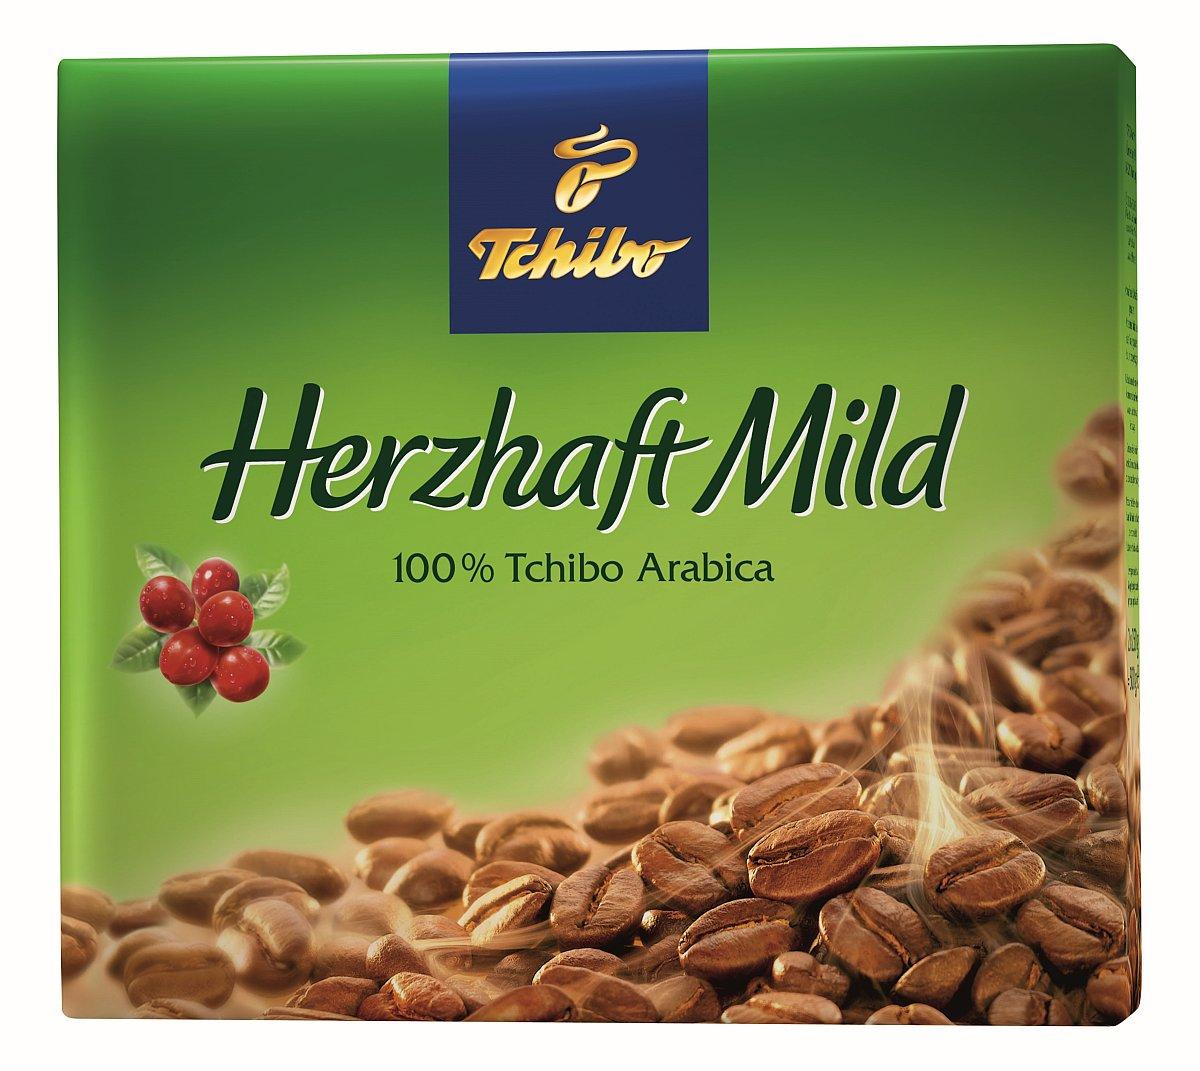 Tchibo Kaffeepackung Herzhaft Mild - ein widersprüchlicher Name